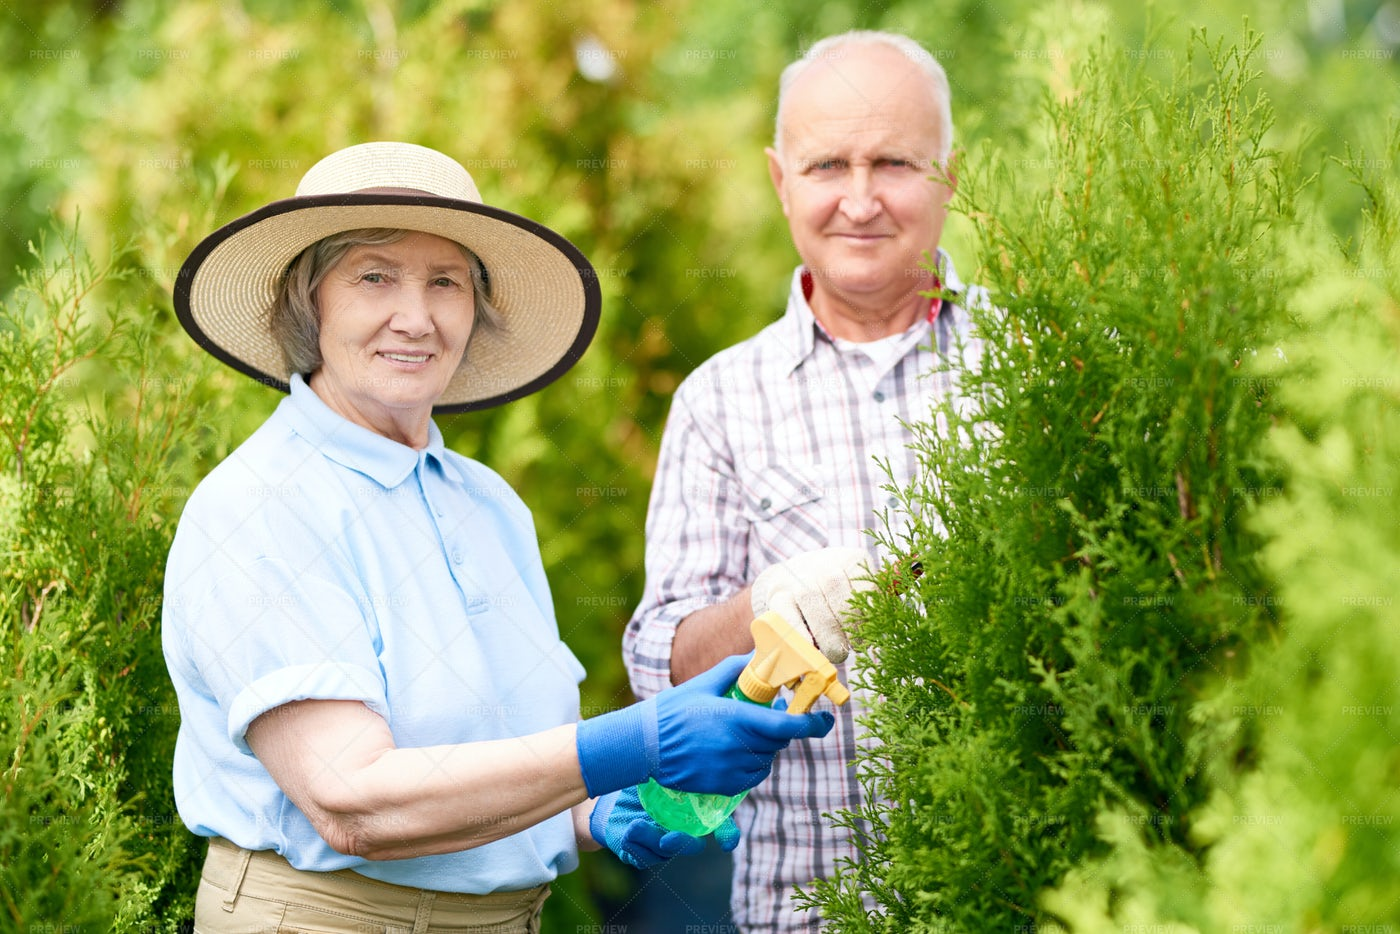 Happy Senior Couple Working In...: Stock Photos